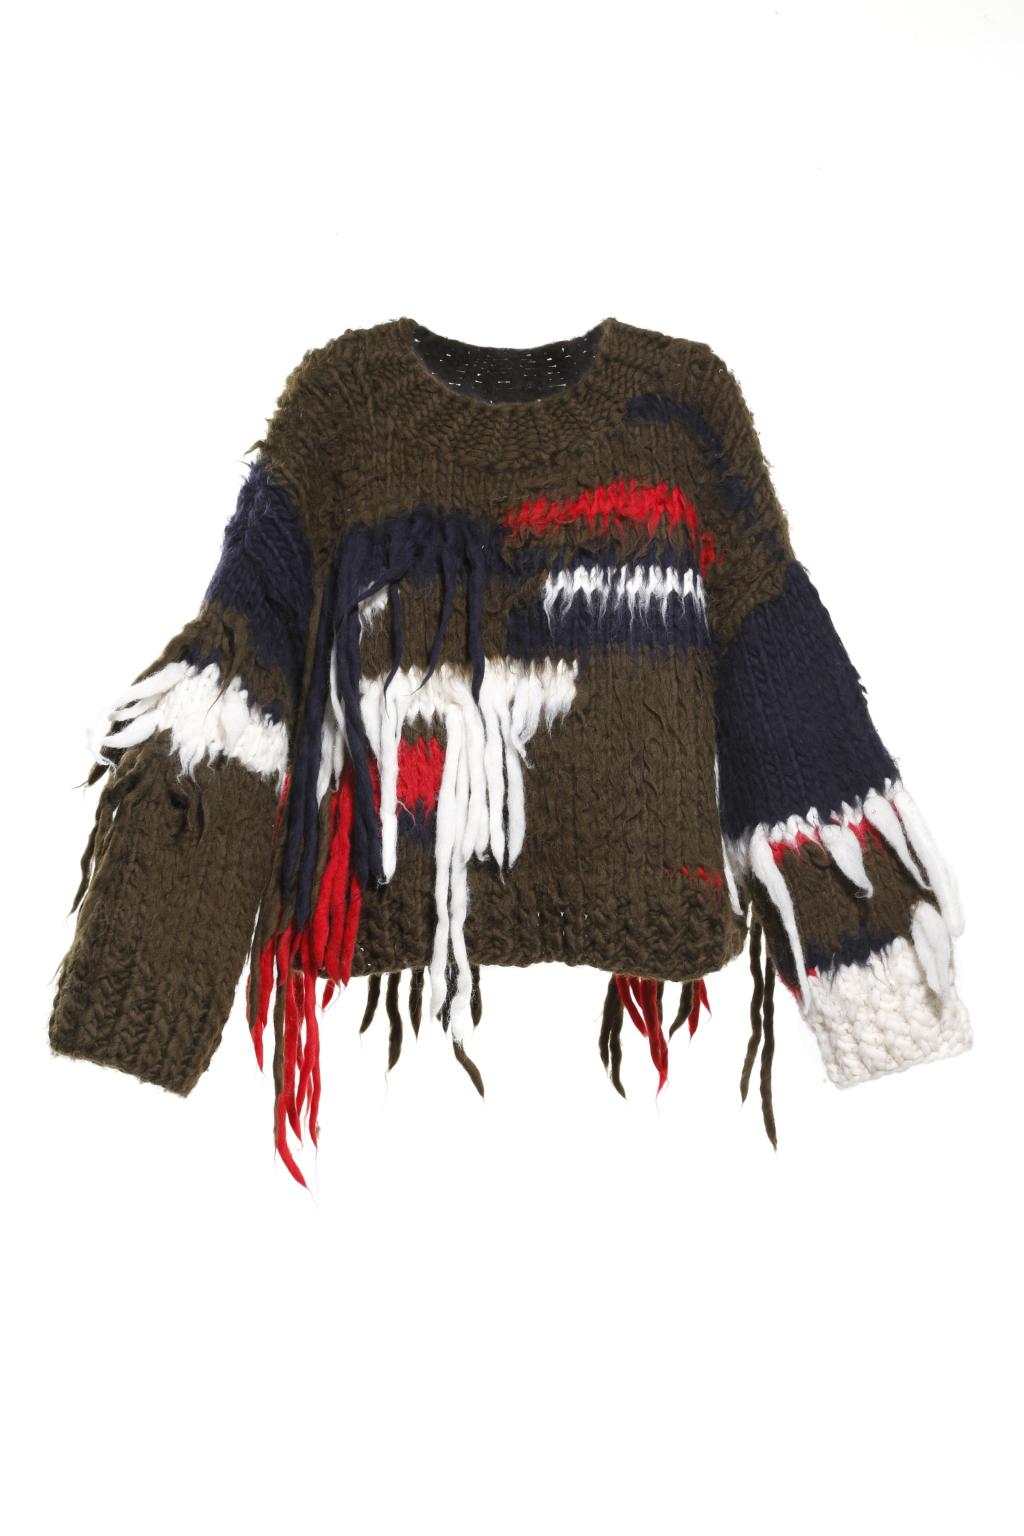 Модный короткий разноцветный свитер с торчащими нитями тренд сезона из коллекции Christopher Raeburn.